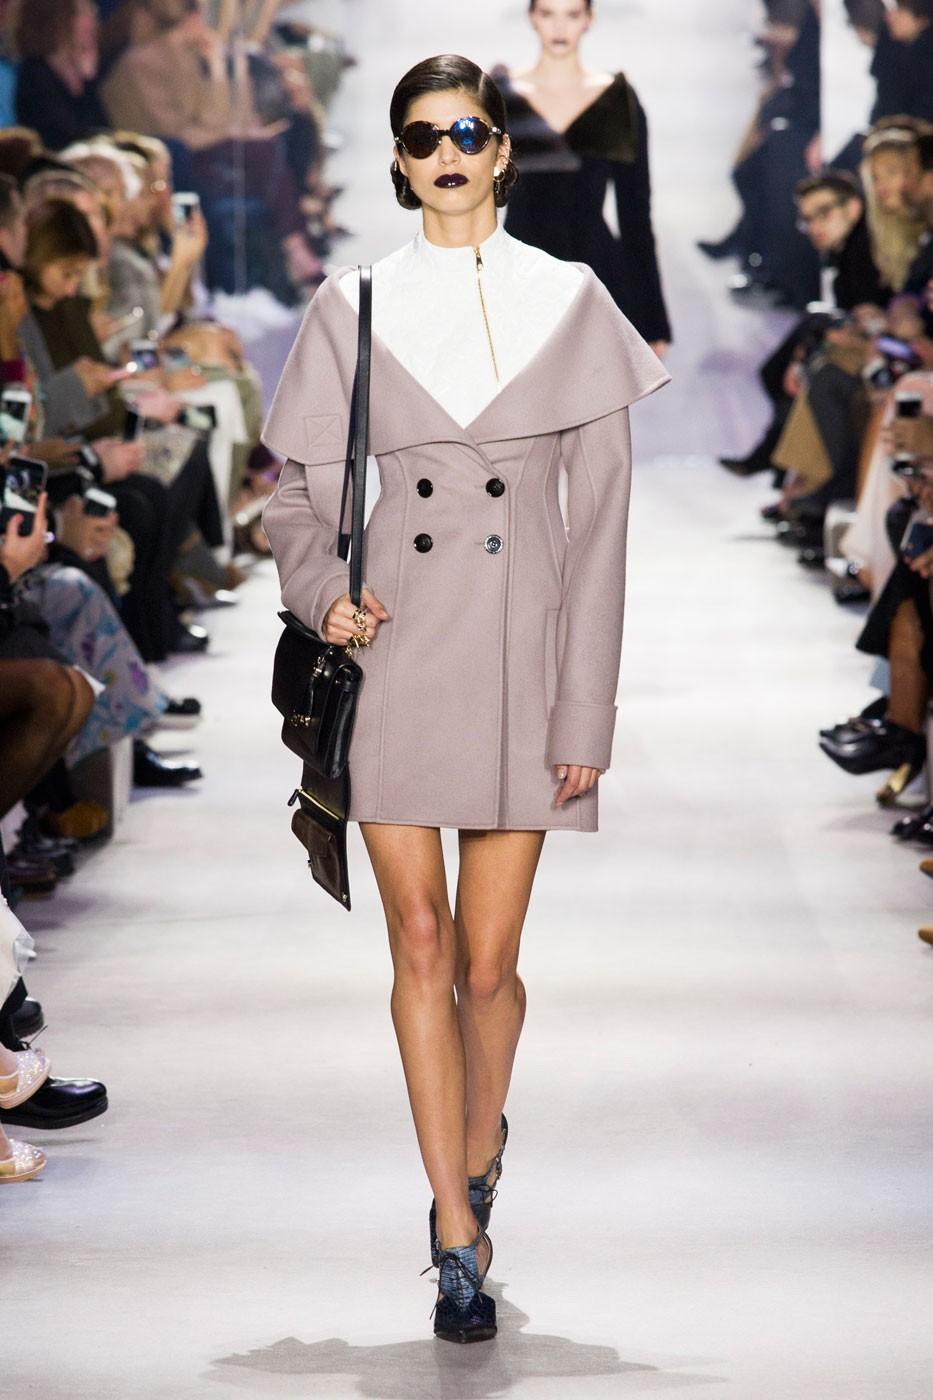 Christian Dior, աշուն-ձմեռ ՛16/17 հավաքածու